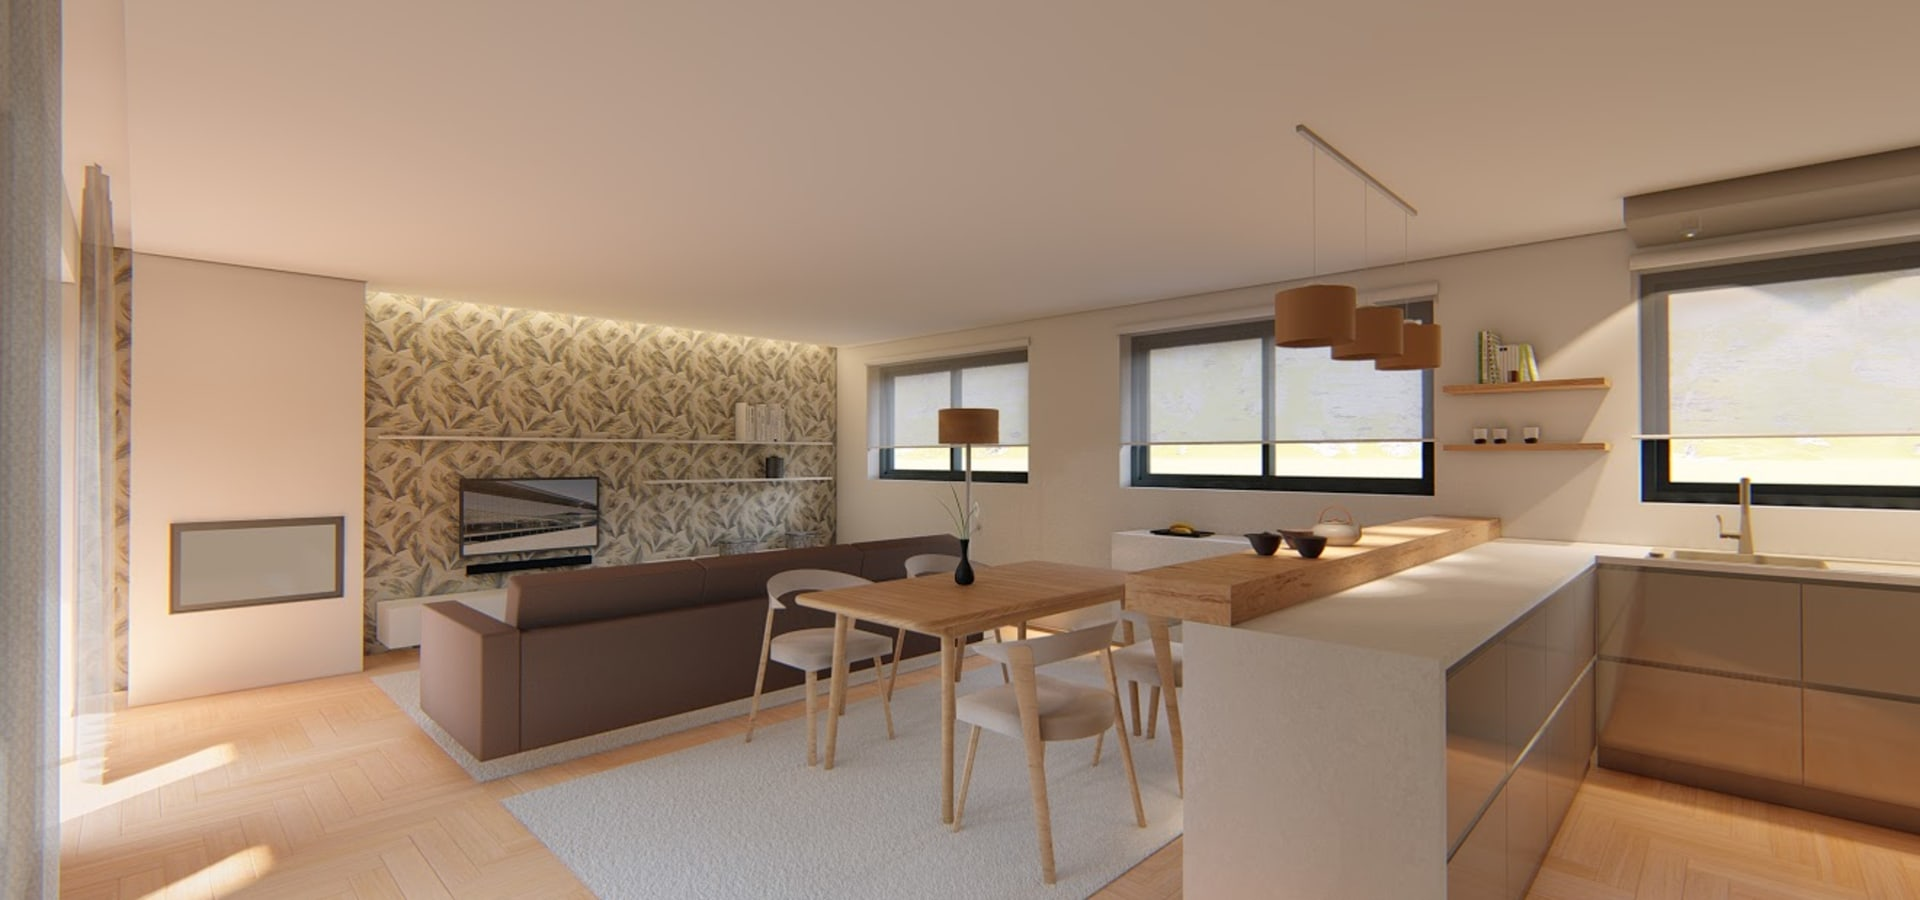 7eva design —Arquitectura e Interiores